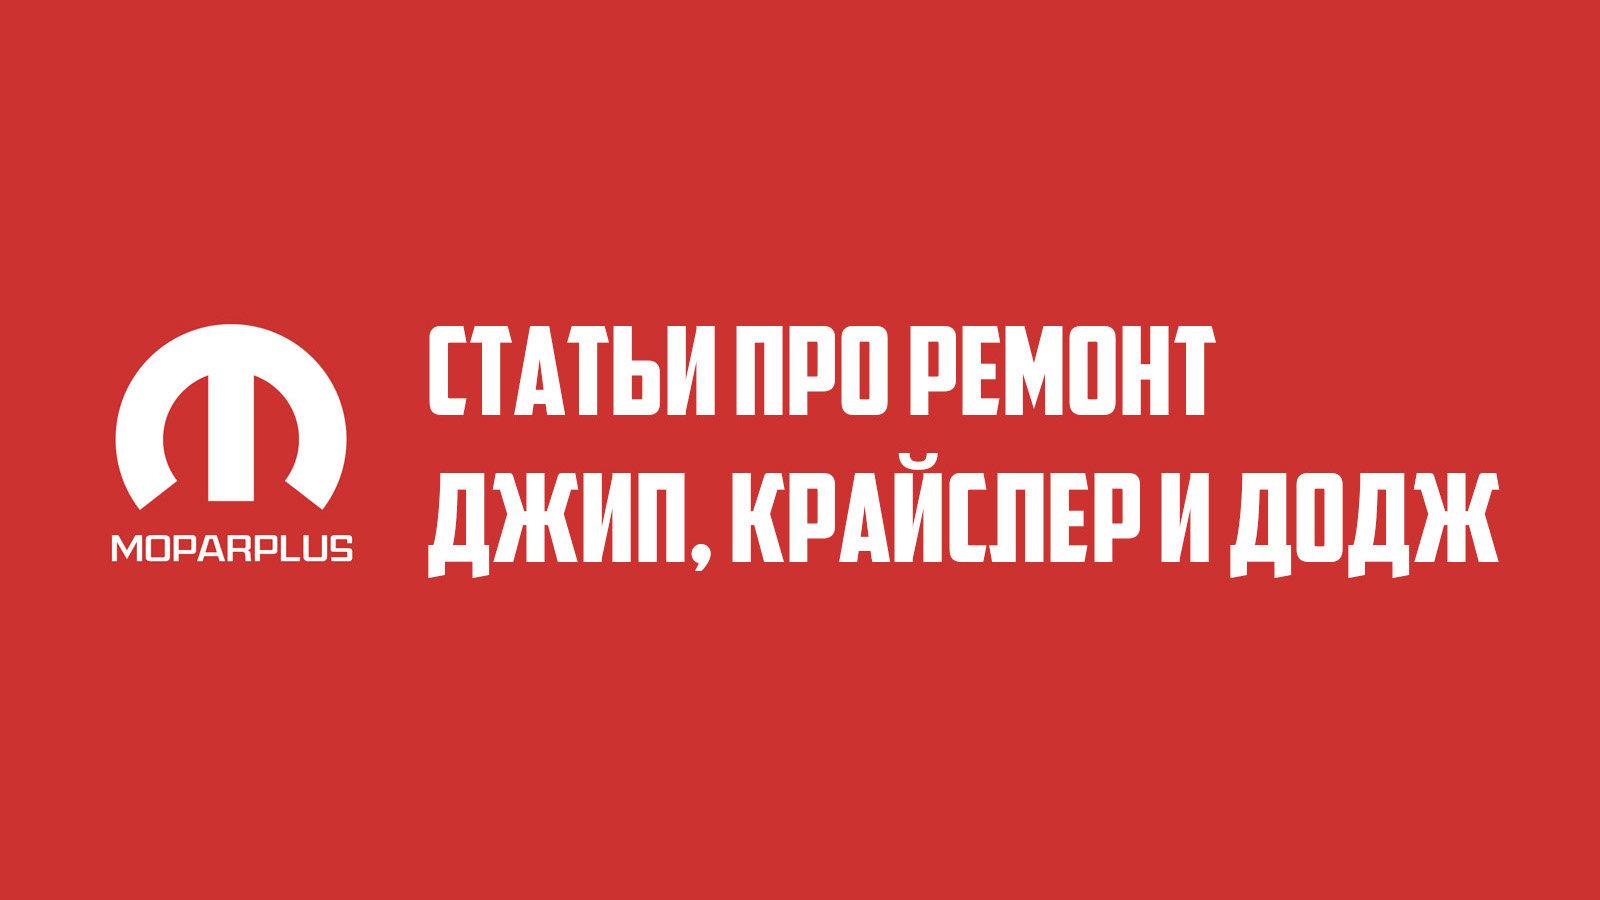 Статьи про ремонт. Выпуск №31.